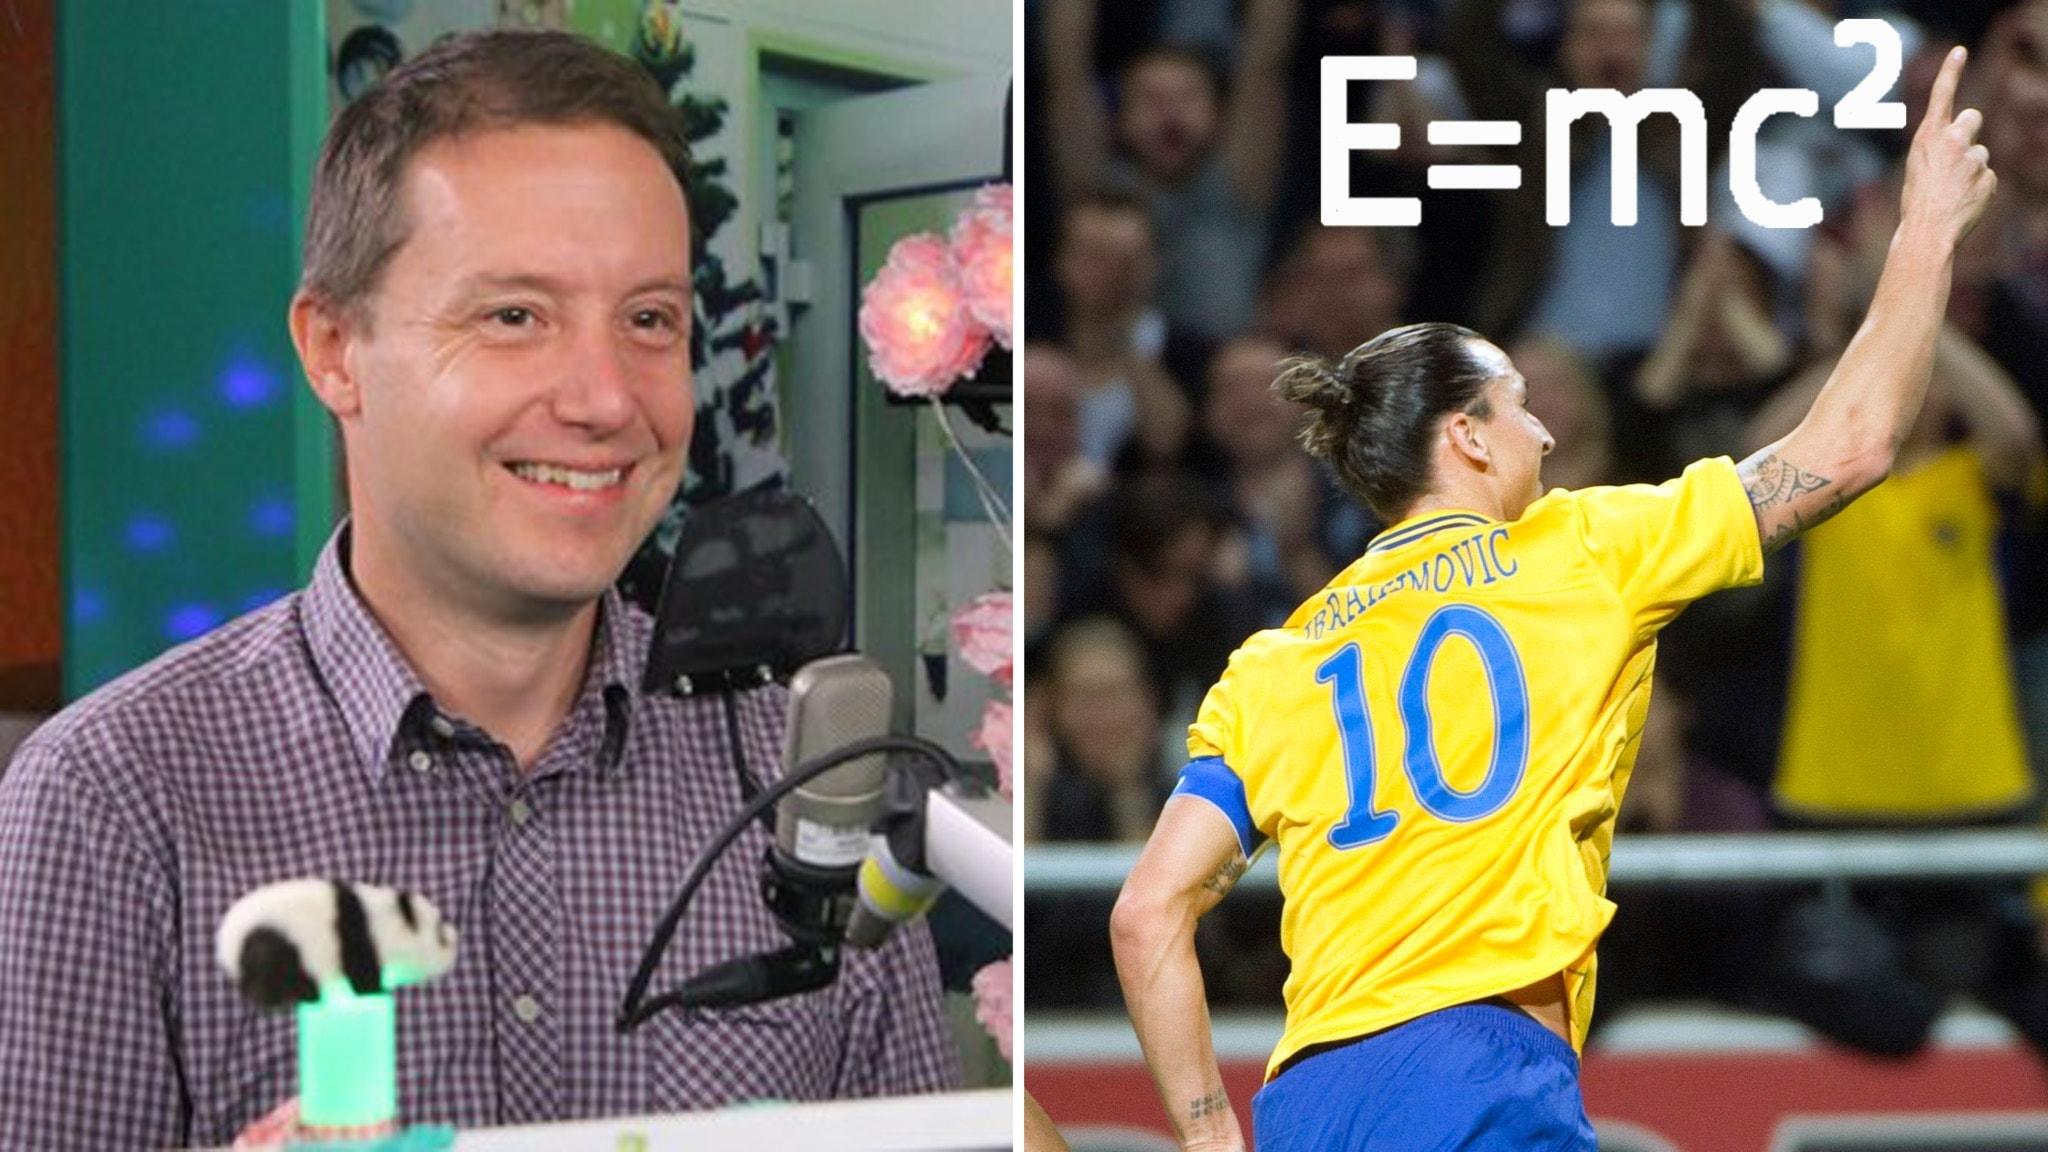 Fotboll, matematik och hur allt hänger ihop